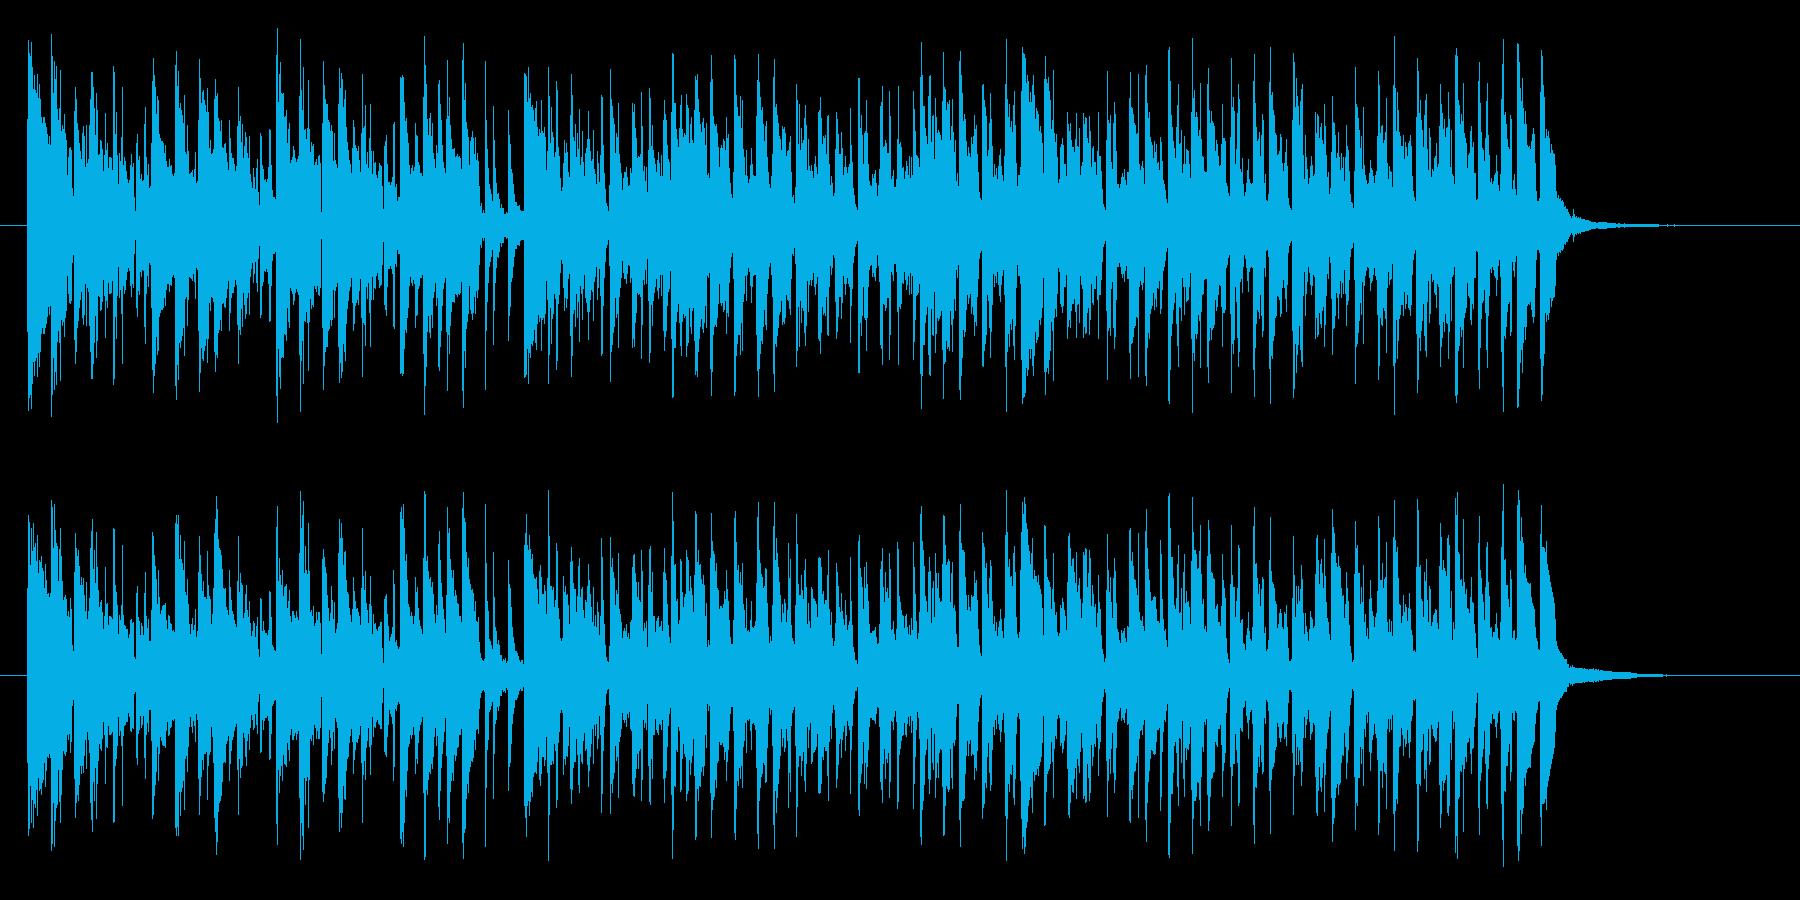 スティールパンが印象的な常夏ミュージックの再生済みの波形